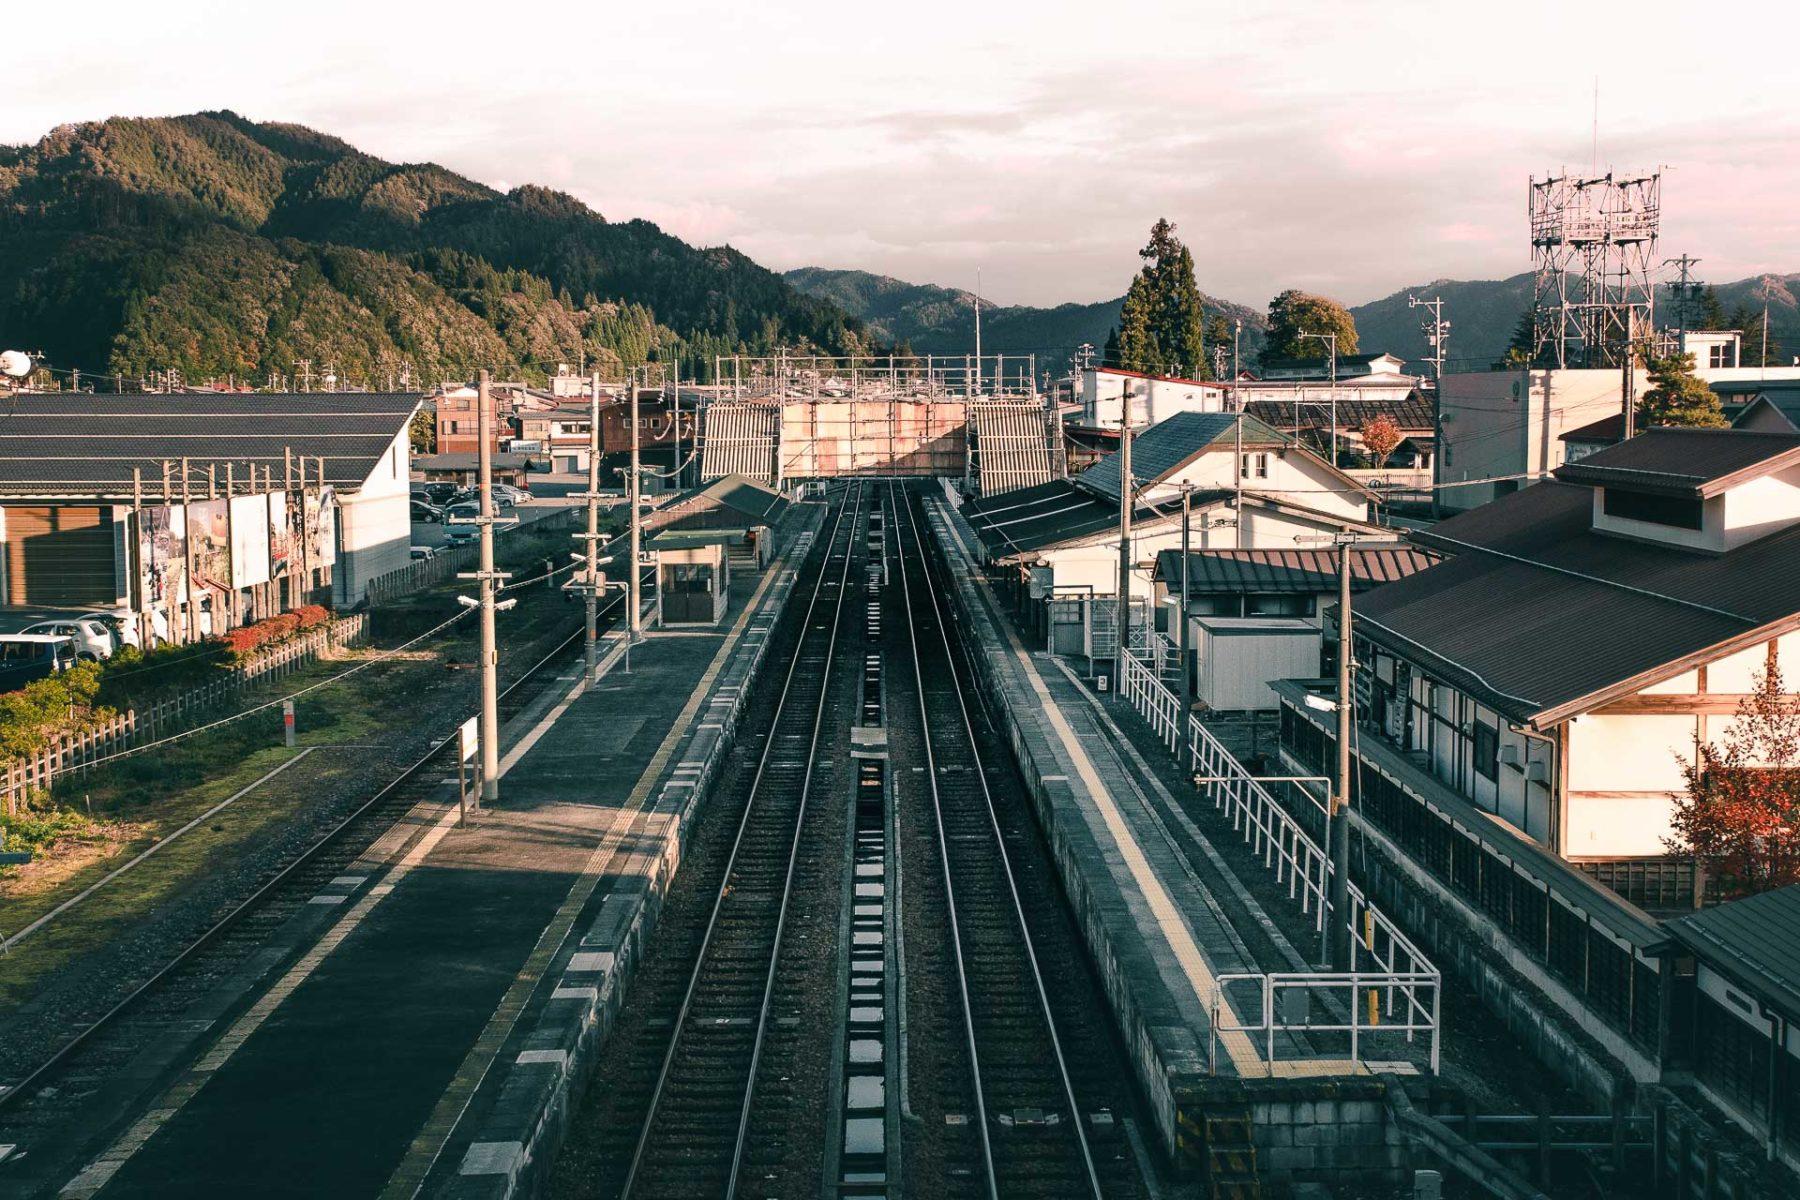 1600942433 770 Hida Furukawa camina en Japon inspiracion de Your Name